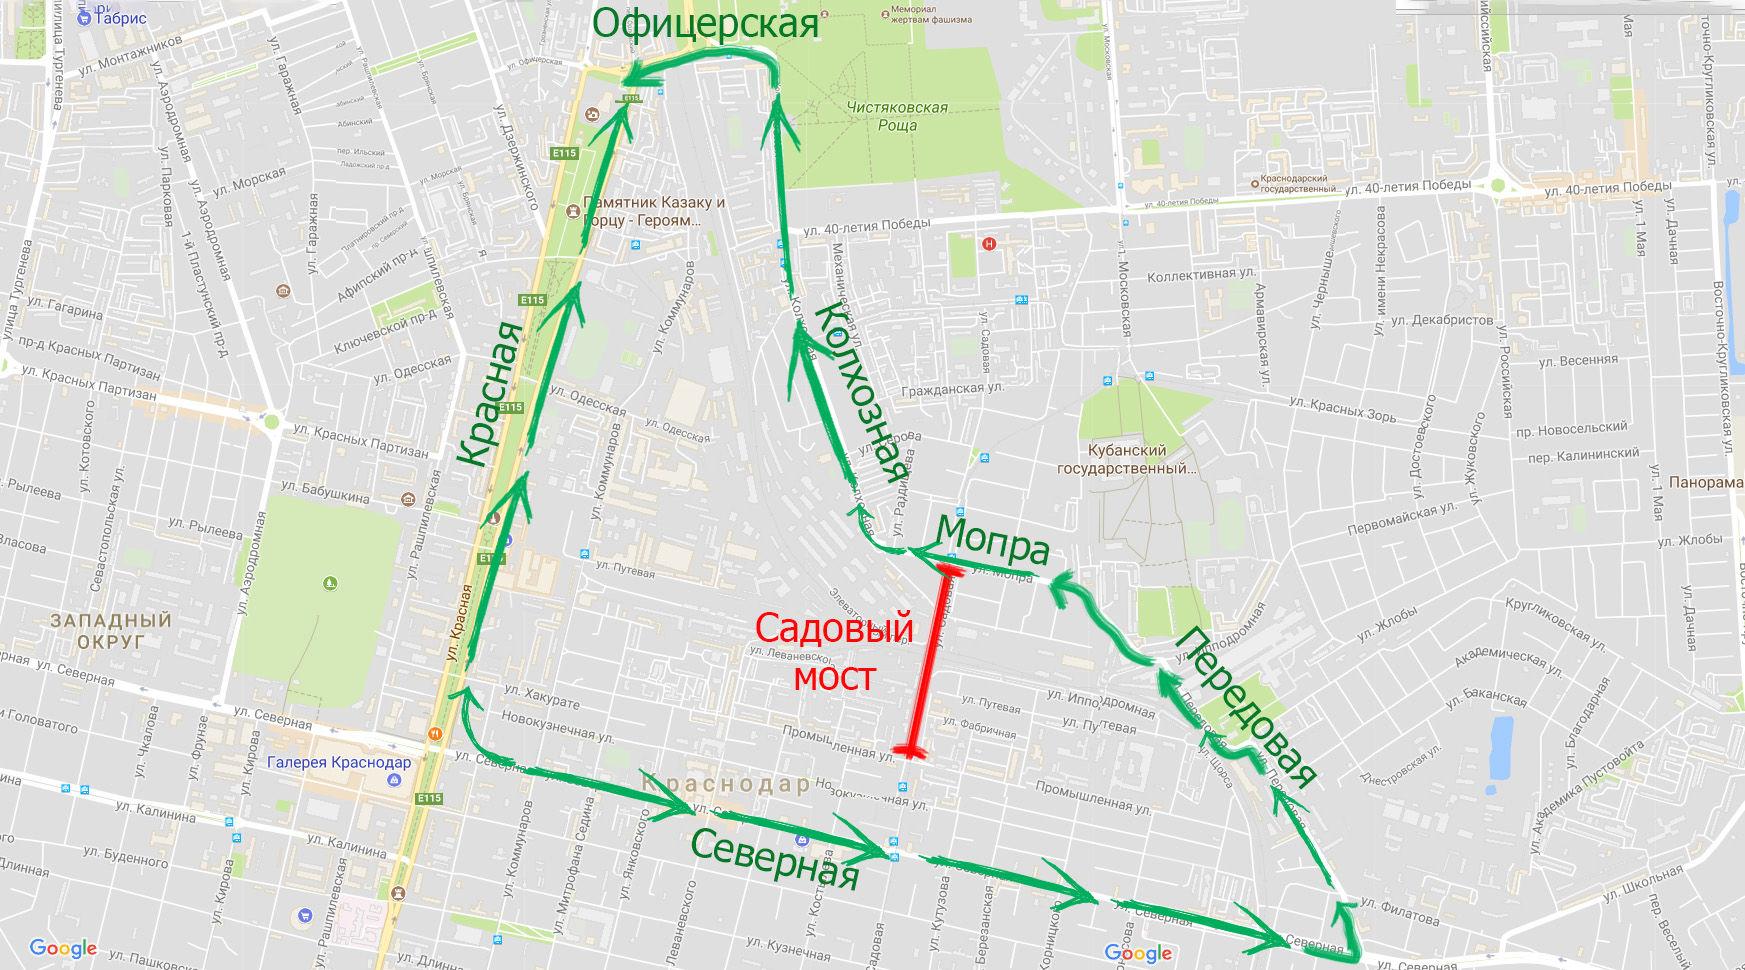 Схема объезда Садового моста ©Скриншот карт Google